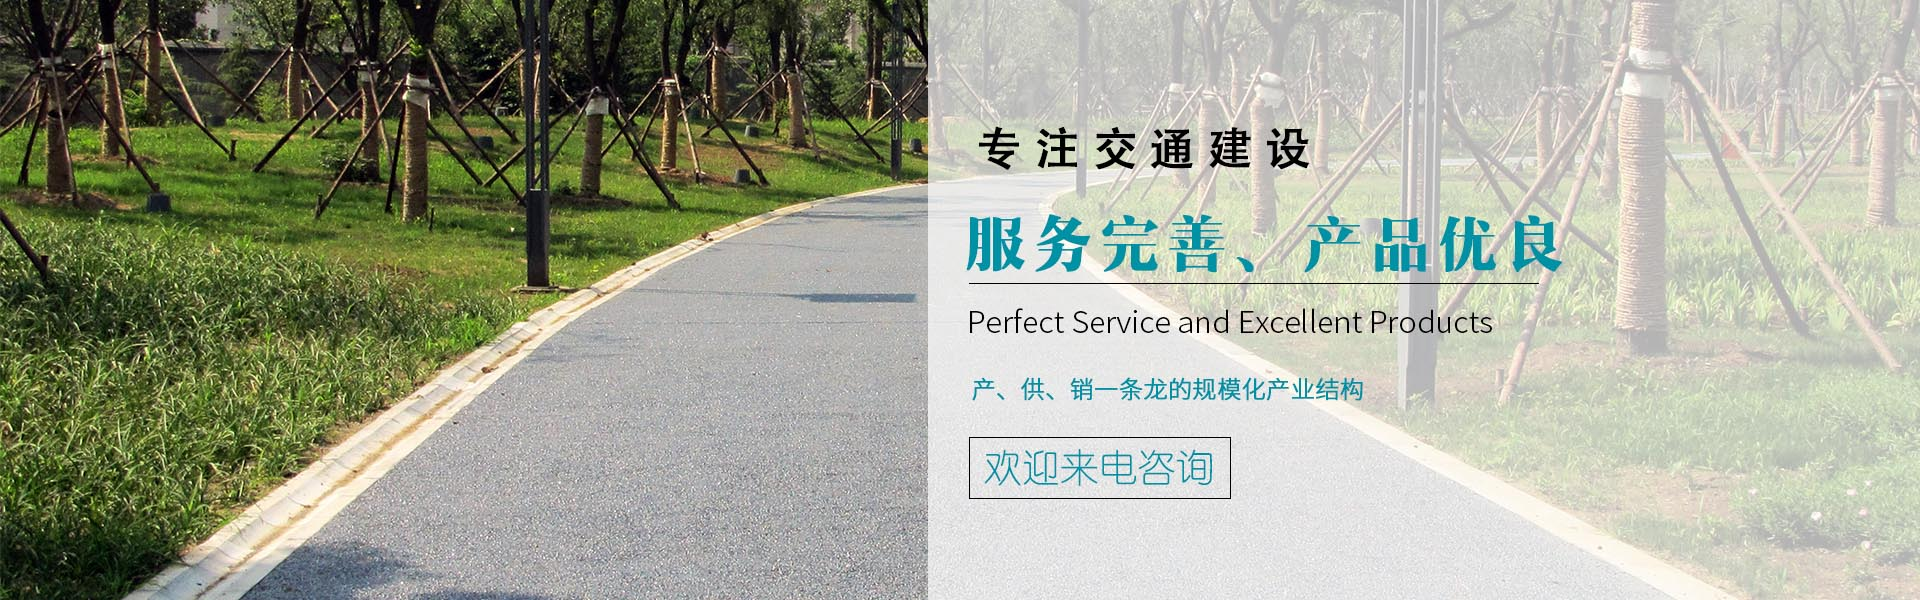 西安联合交通建筑工程有限公司